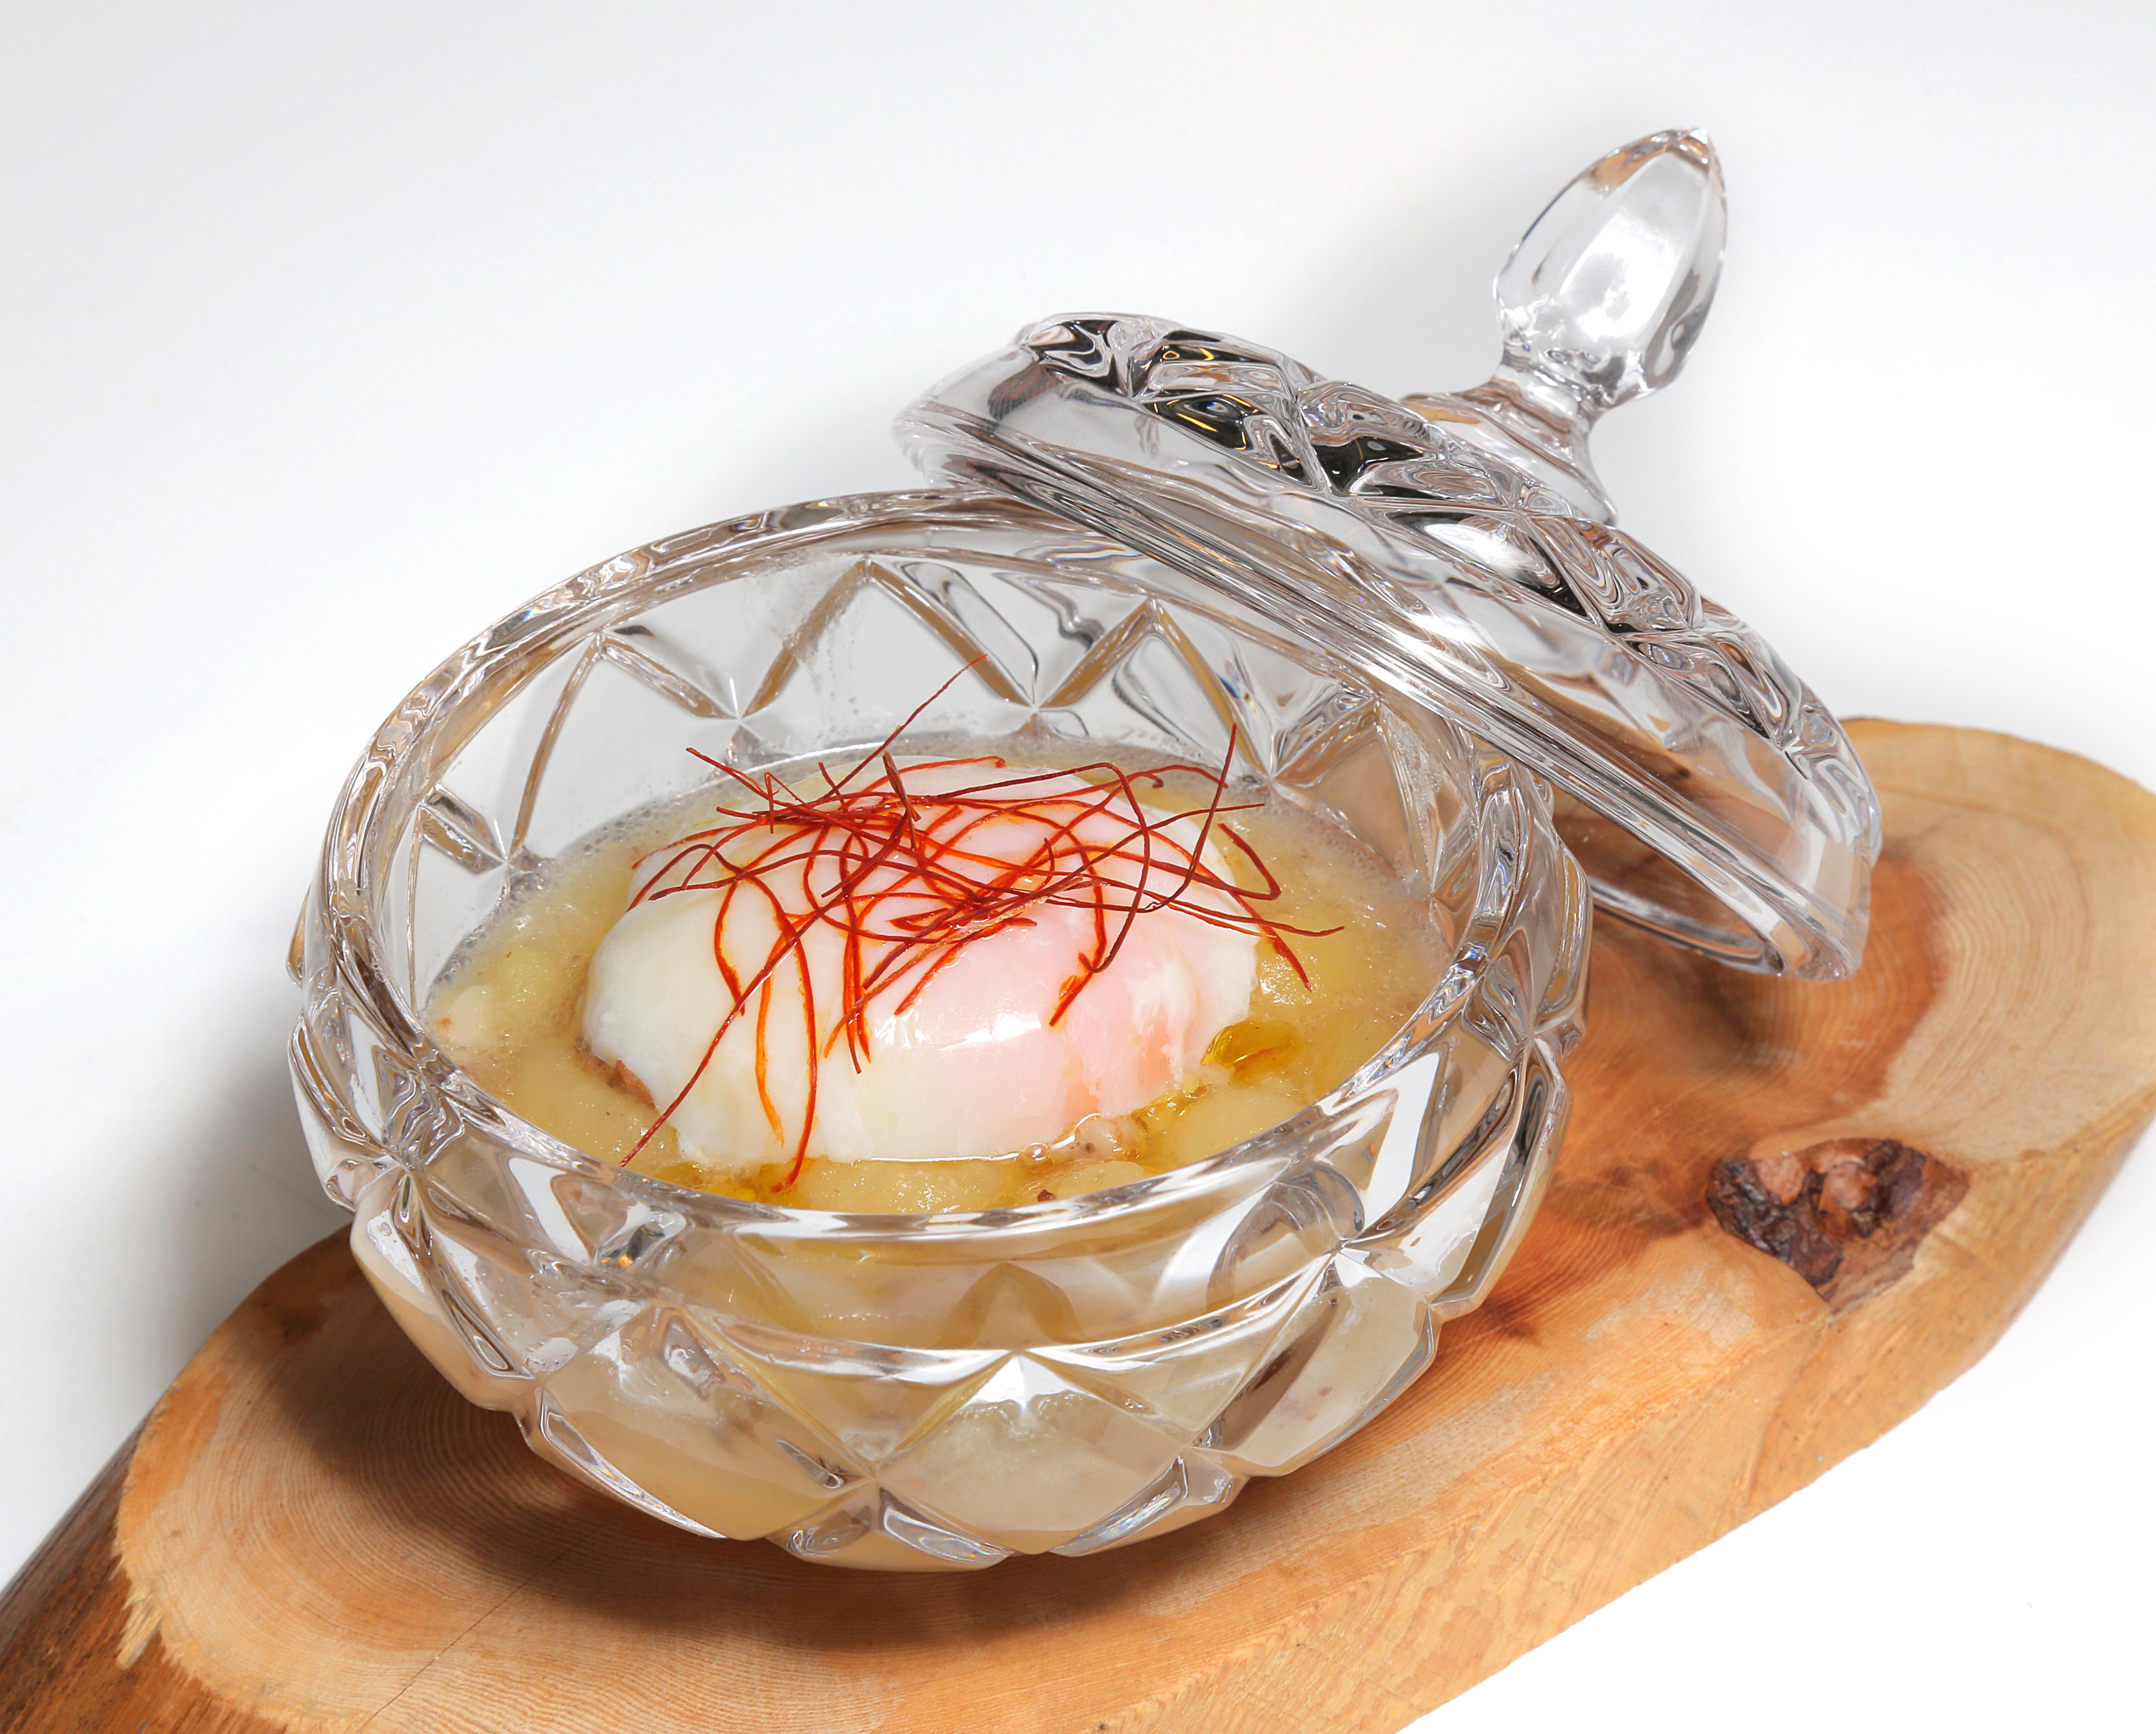 36-LA-CUNA-DEL-CIERZO_-Guiso-de-patata-con-huevo-poch®-y-AOVE-del-BA